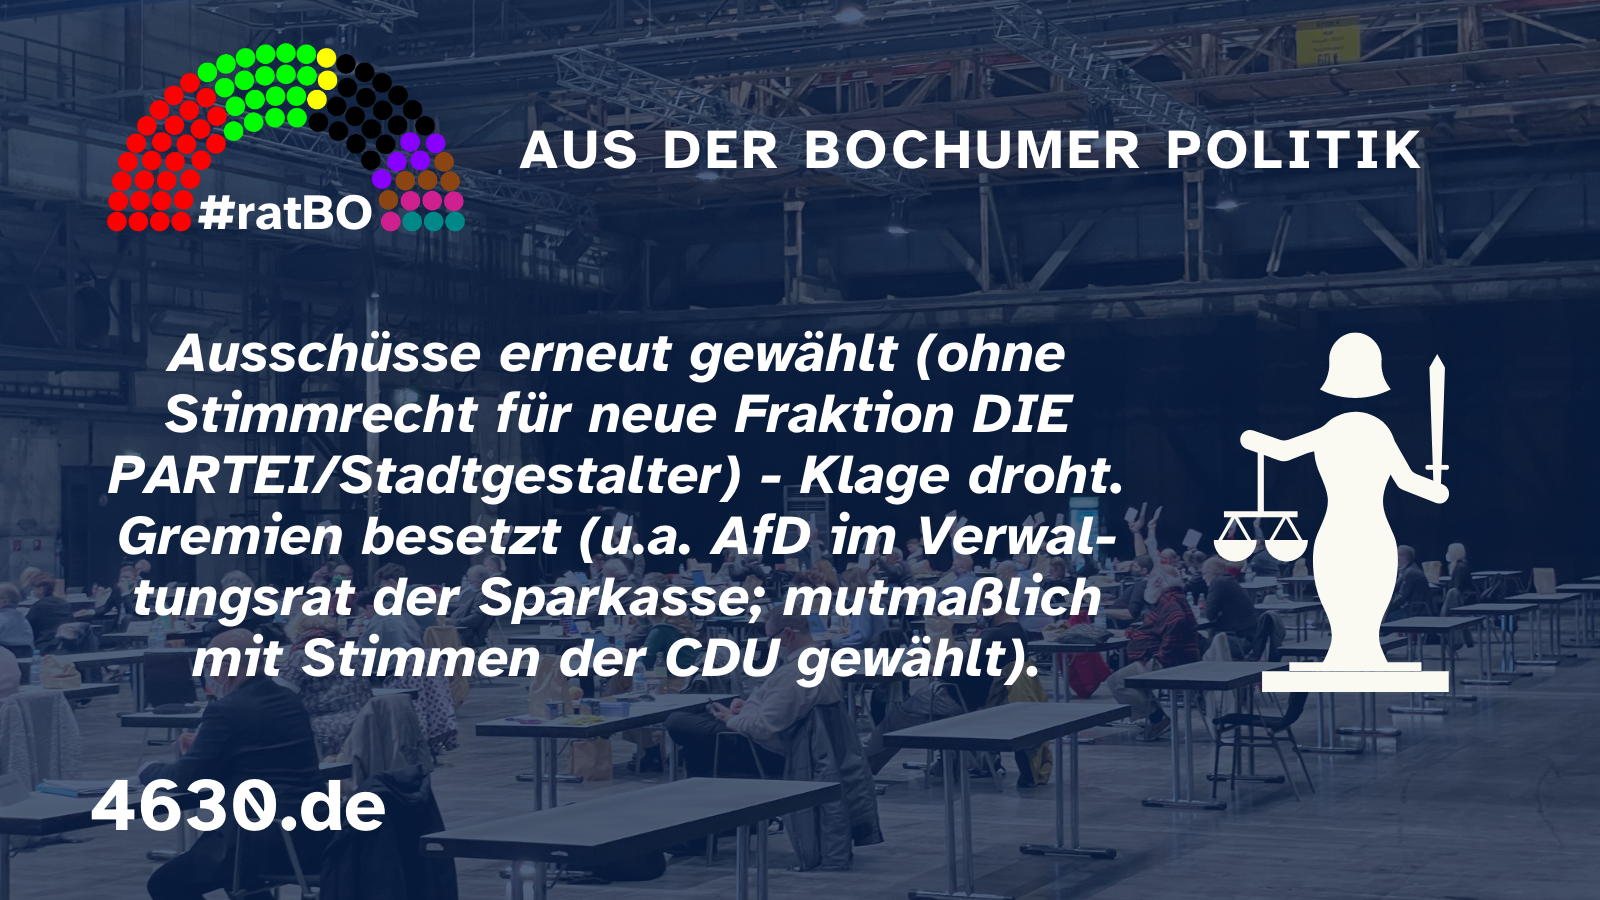 Aus der Bochumer Politik: Ausschüsse erneut gewählt; Gremien gewählt